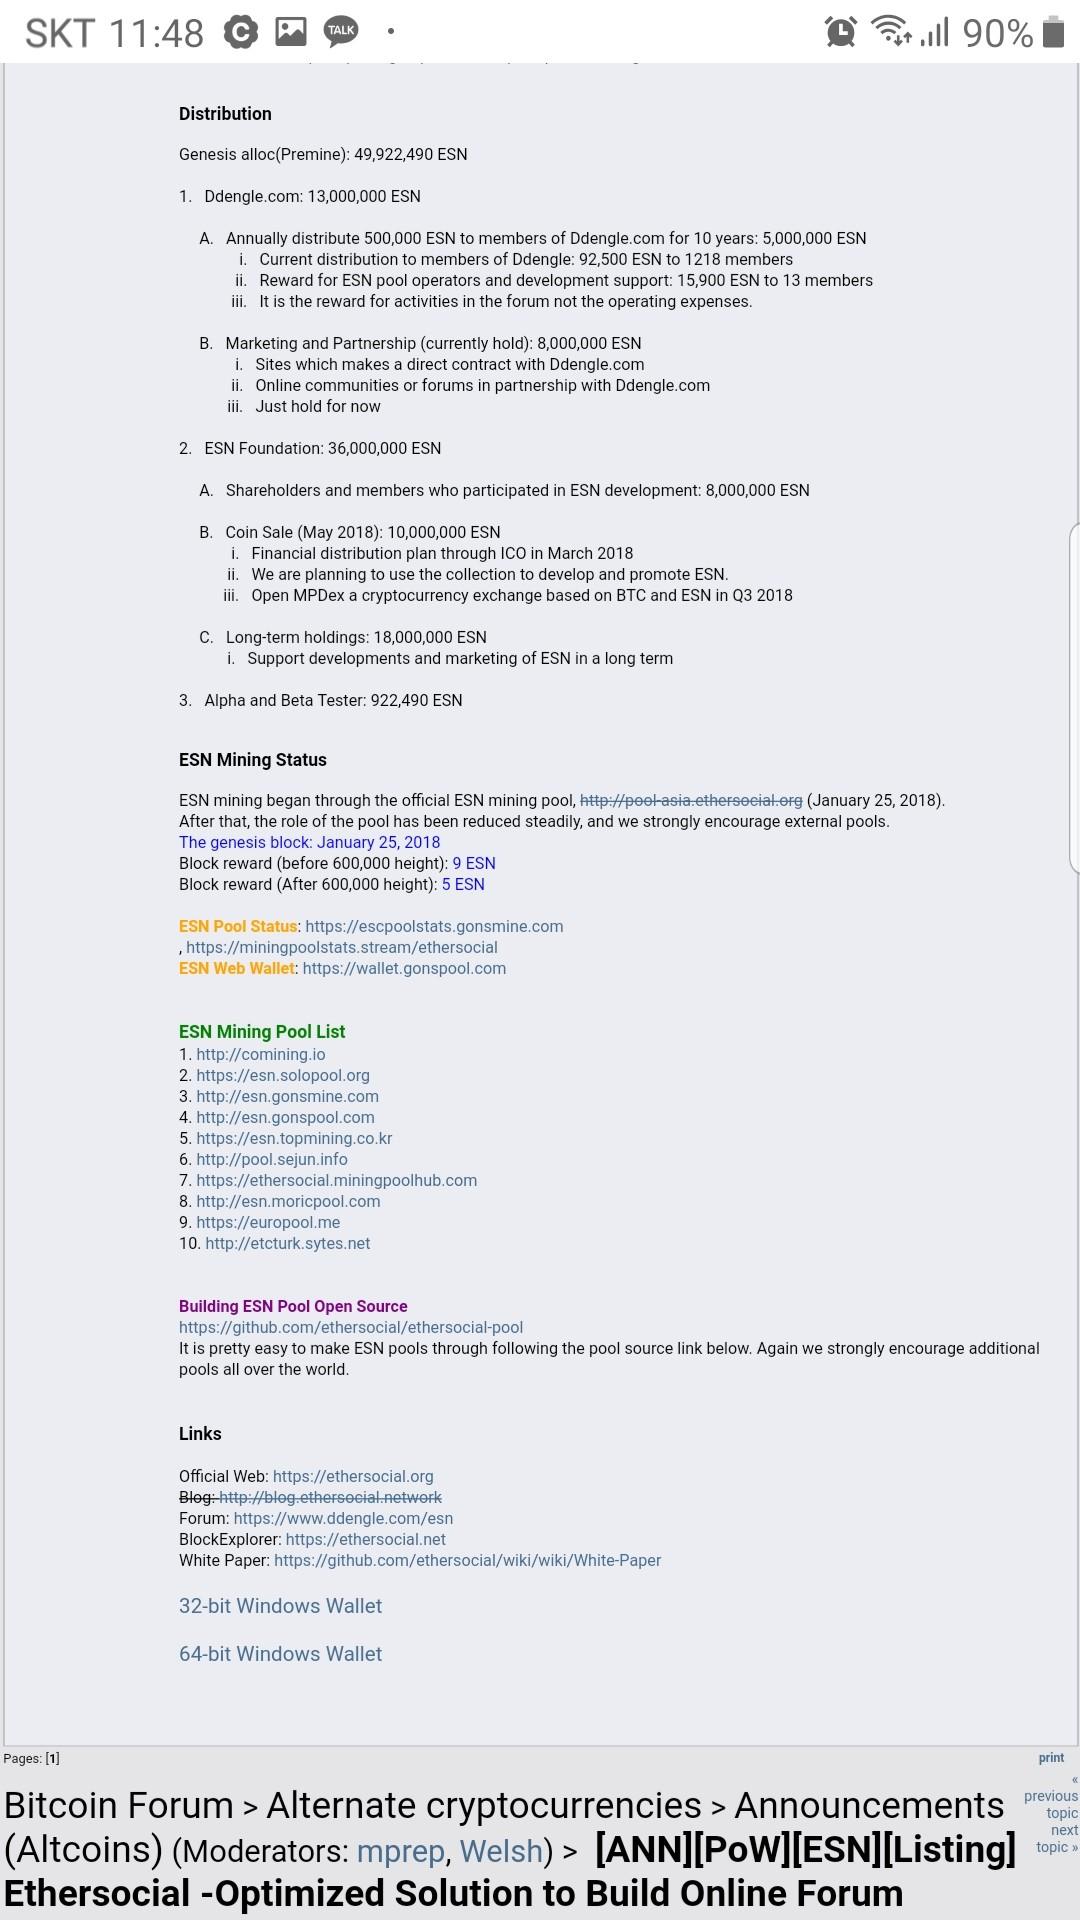 Screenshot_20190524-114857_Chrome.jpg